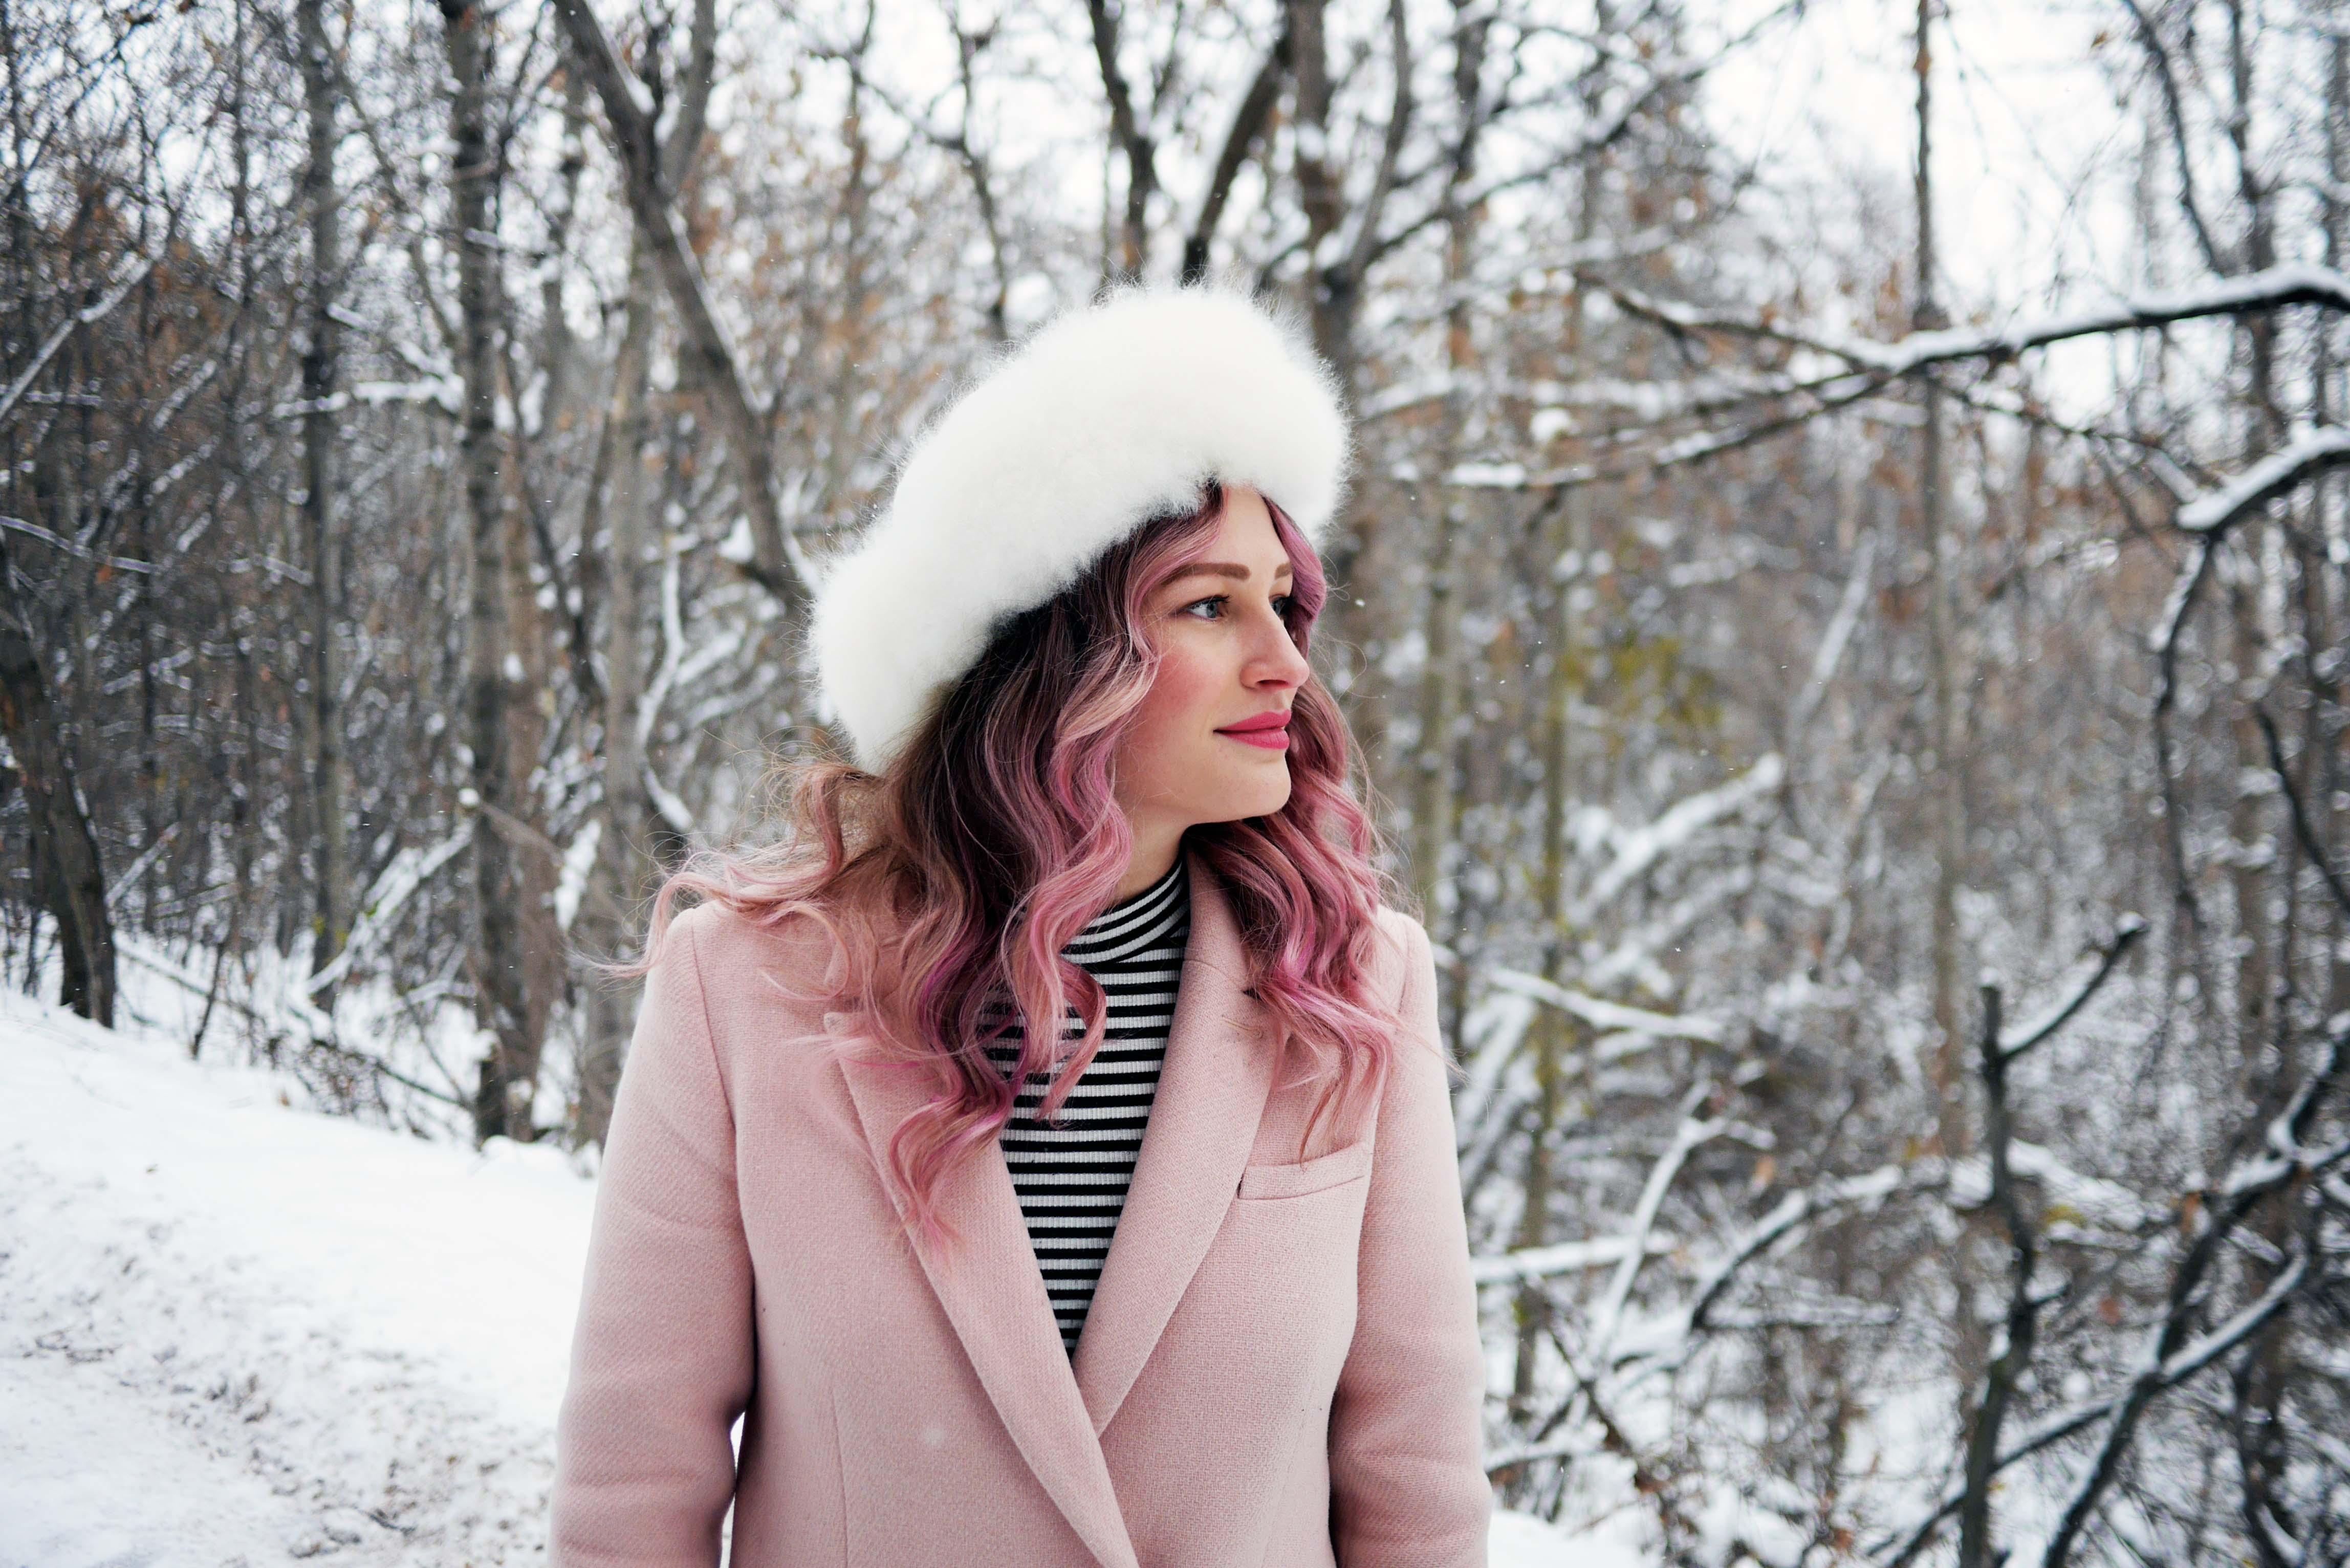 winter-wonderland-style-6